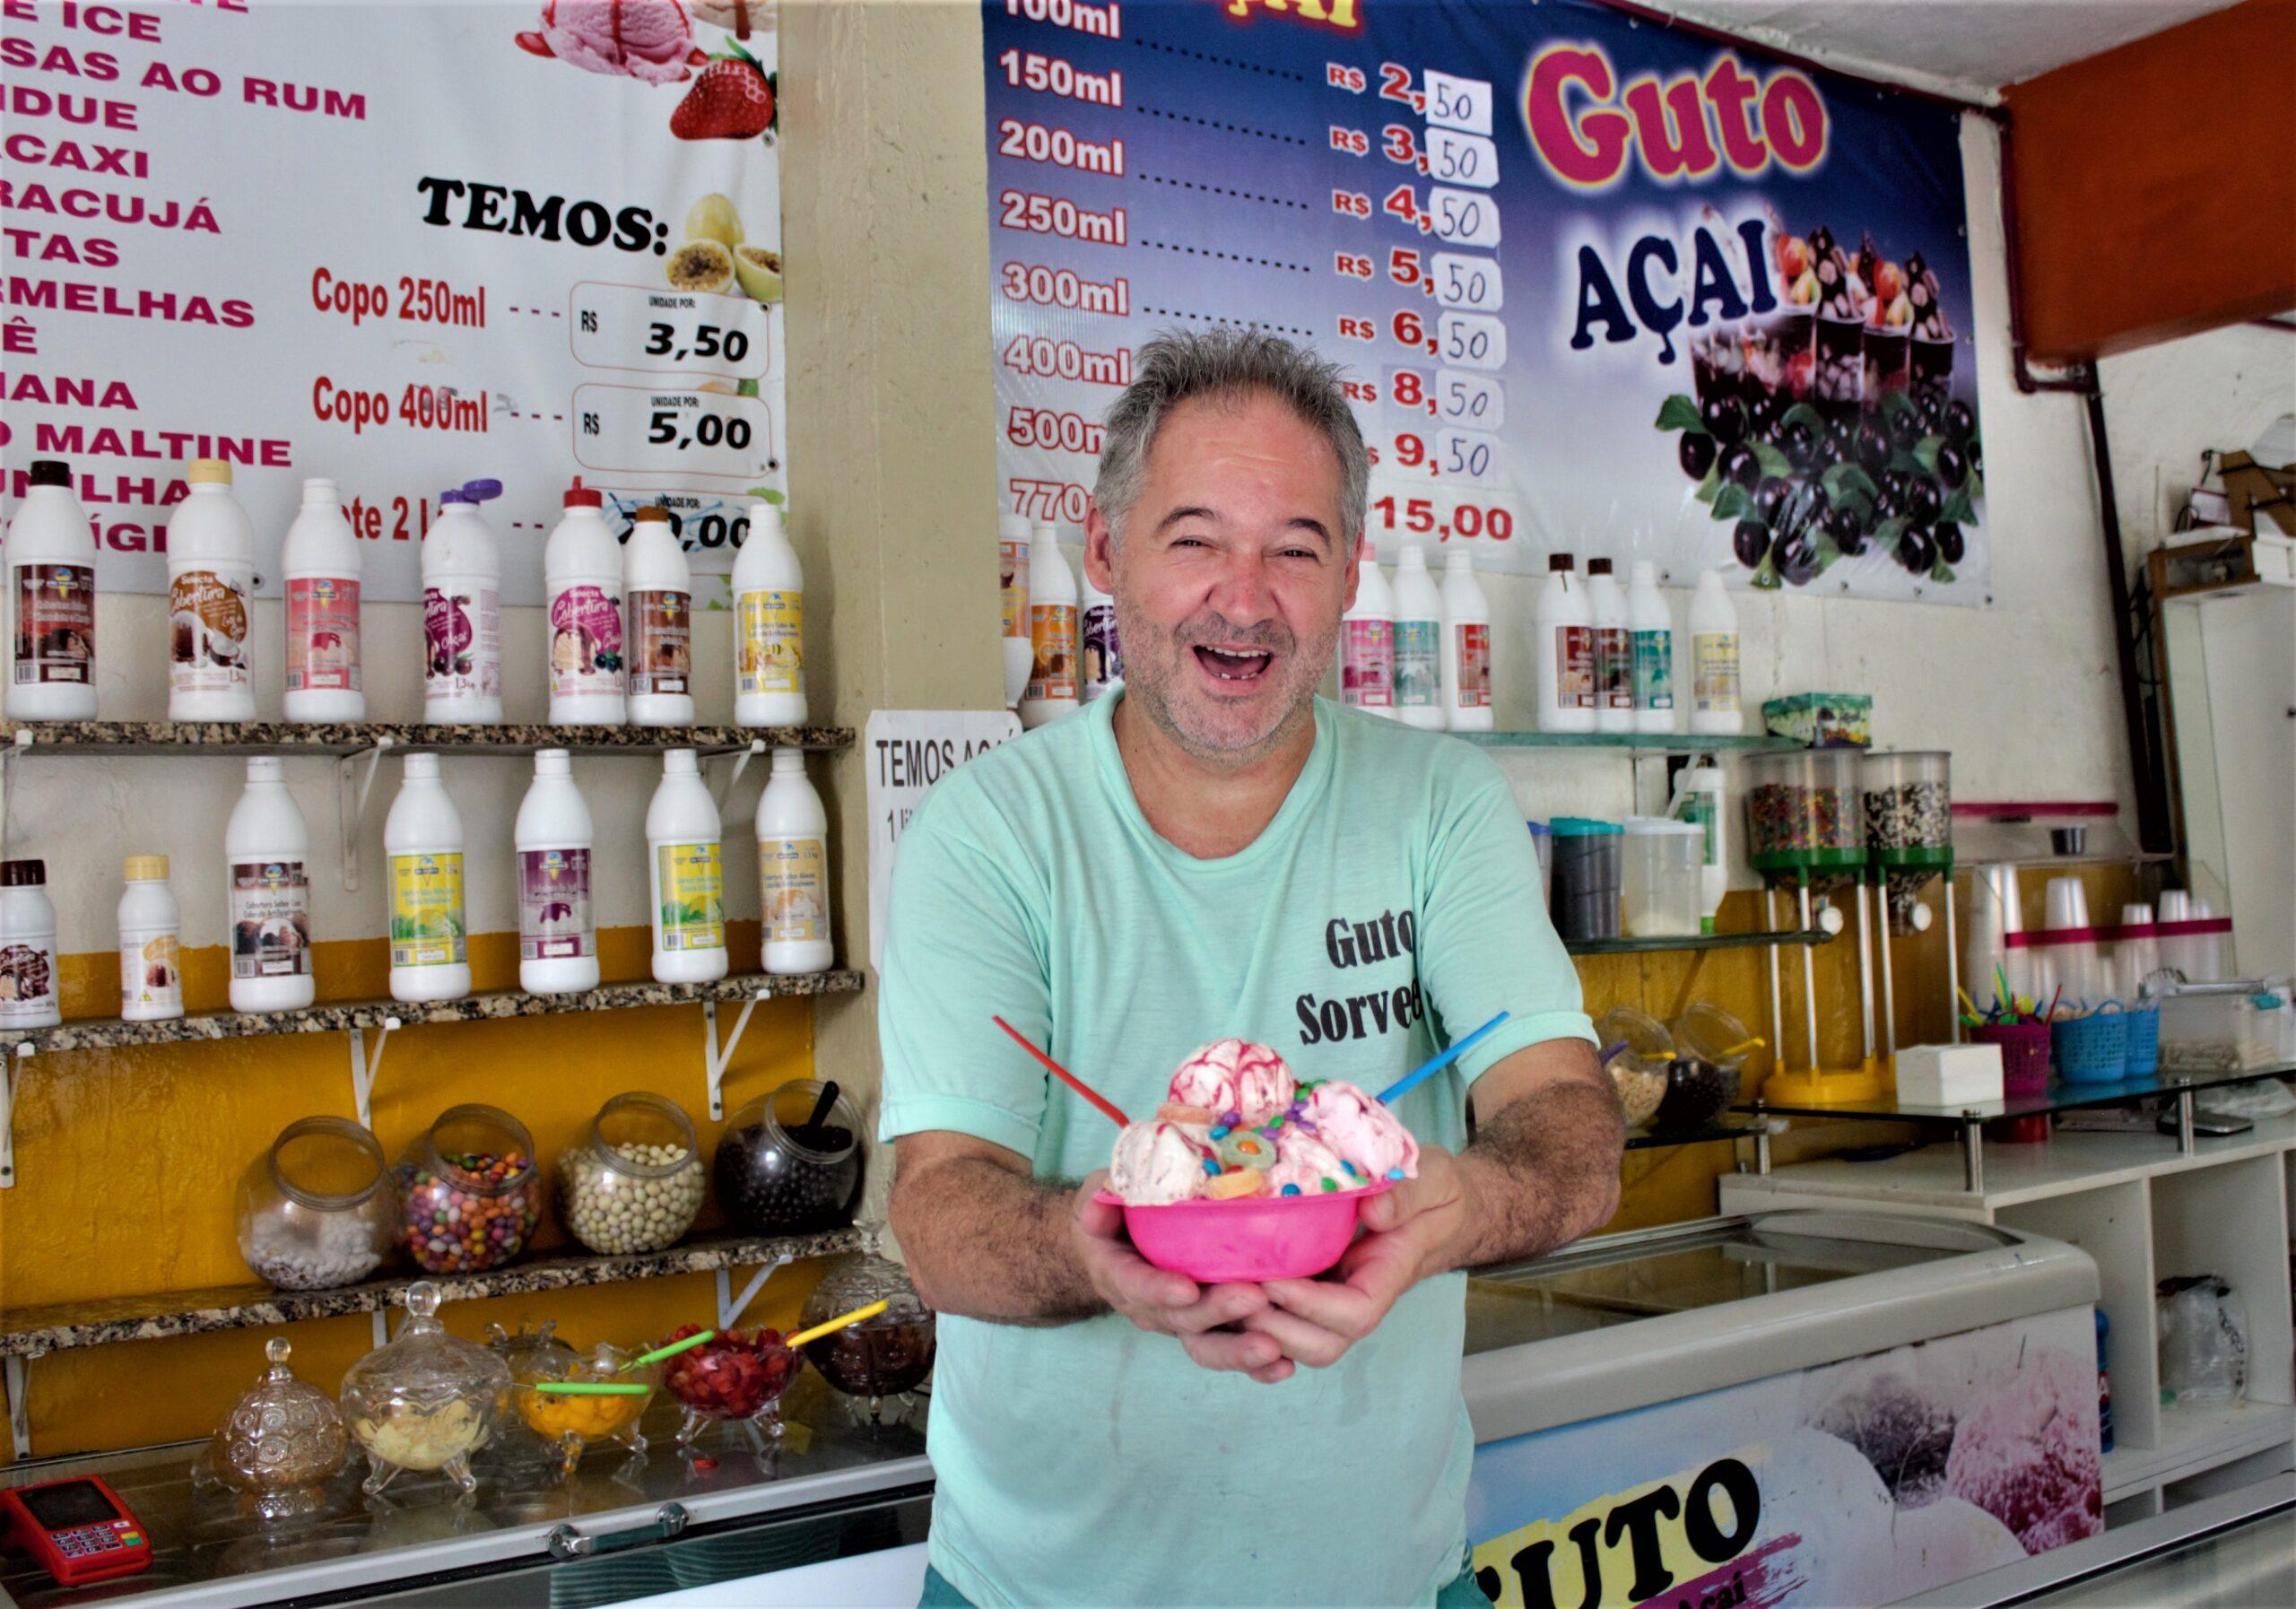 Conheça a Sorveteria do Guto, tradição e sabor na Vila Cruzeiro